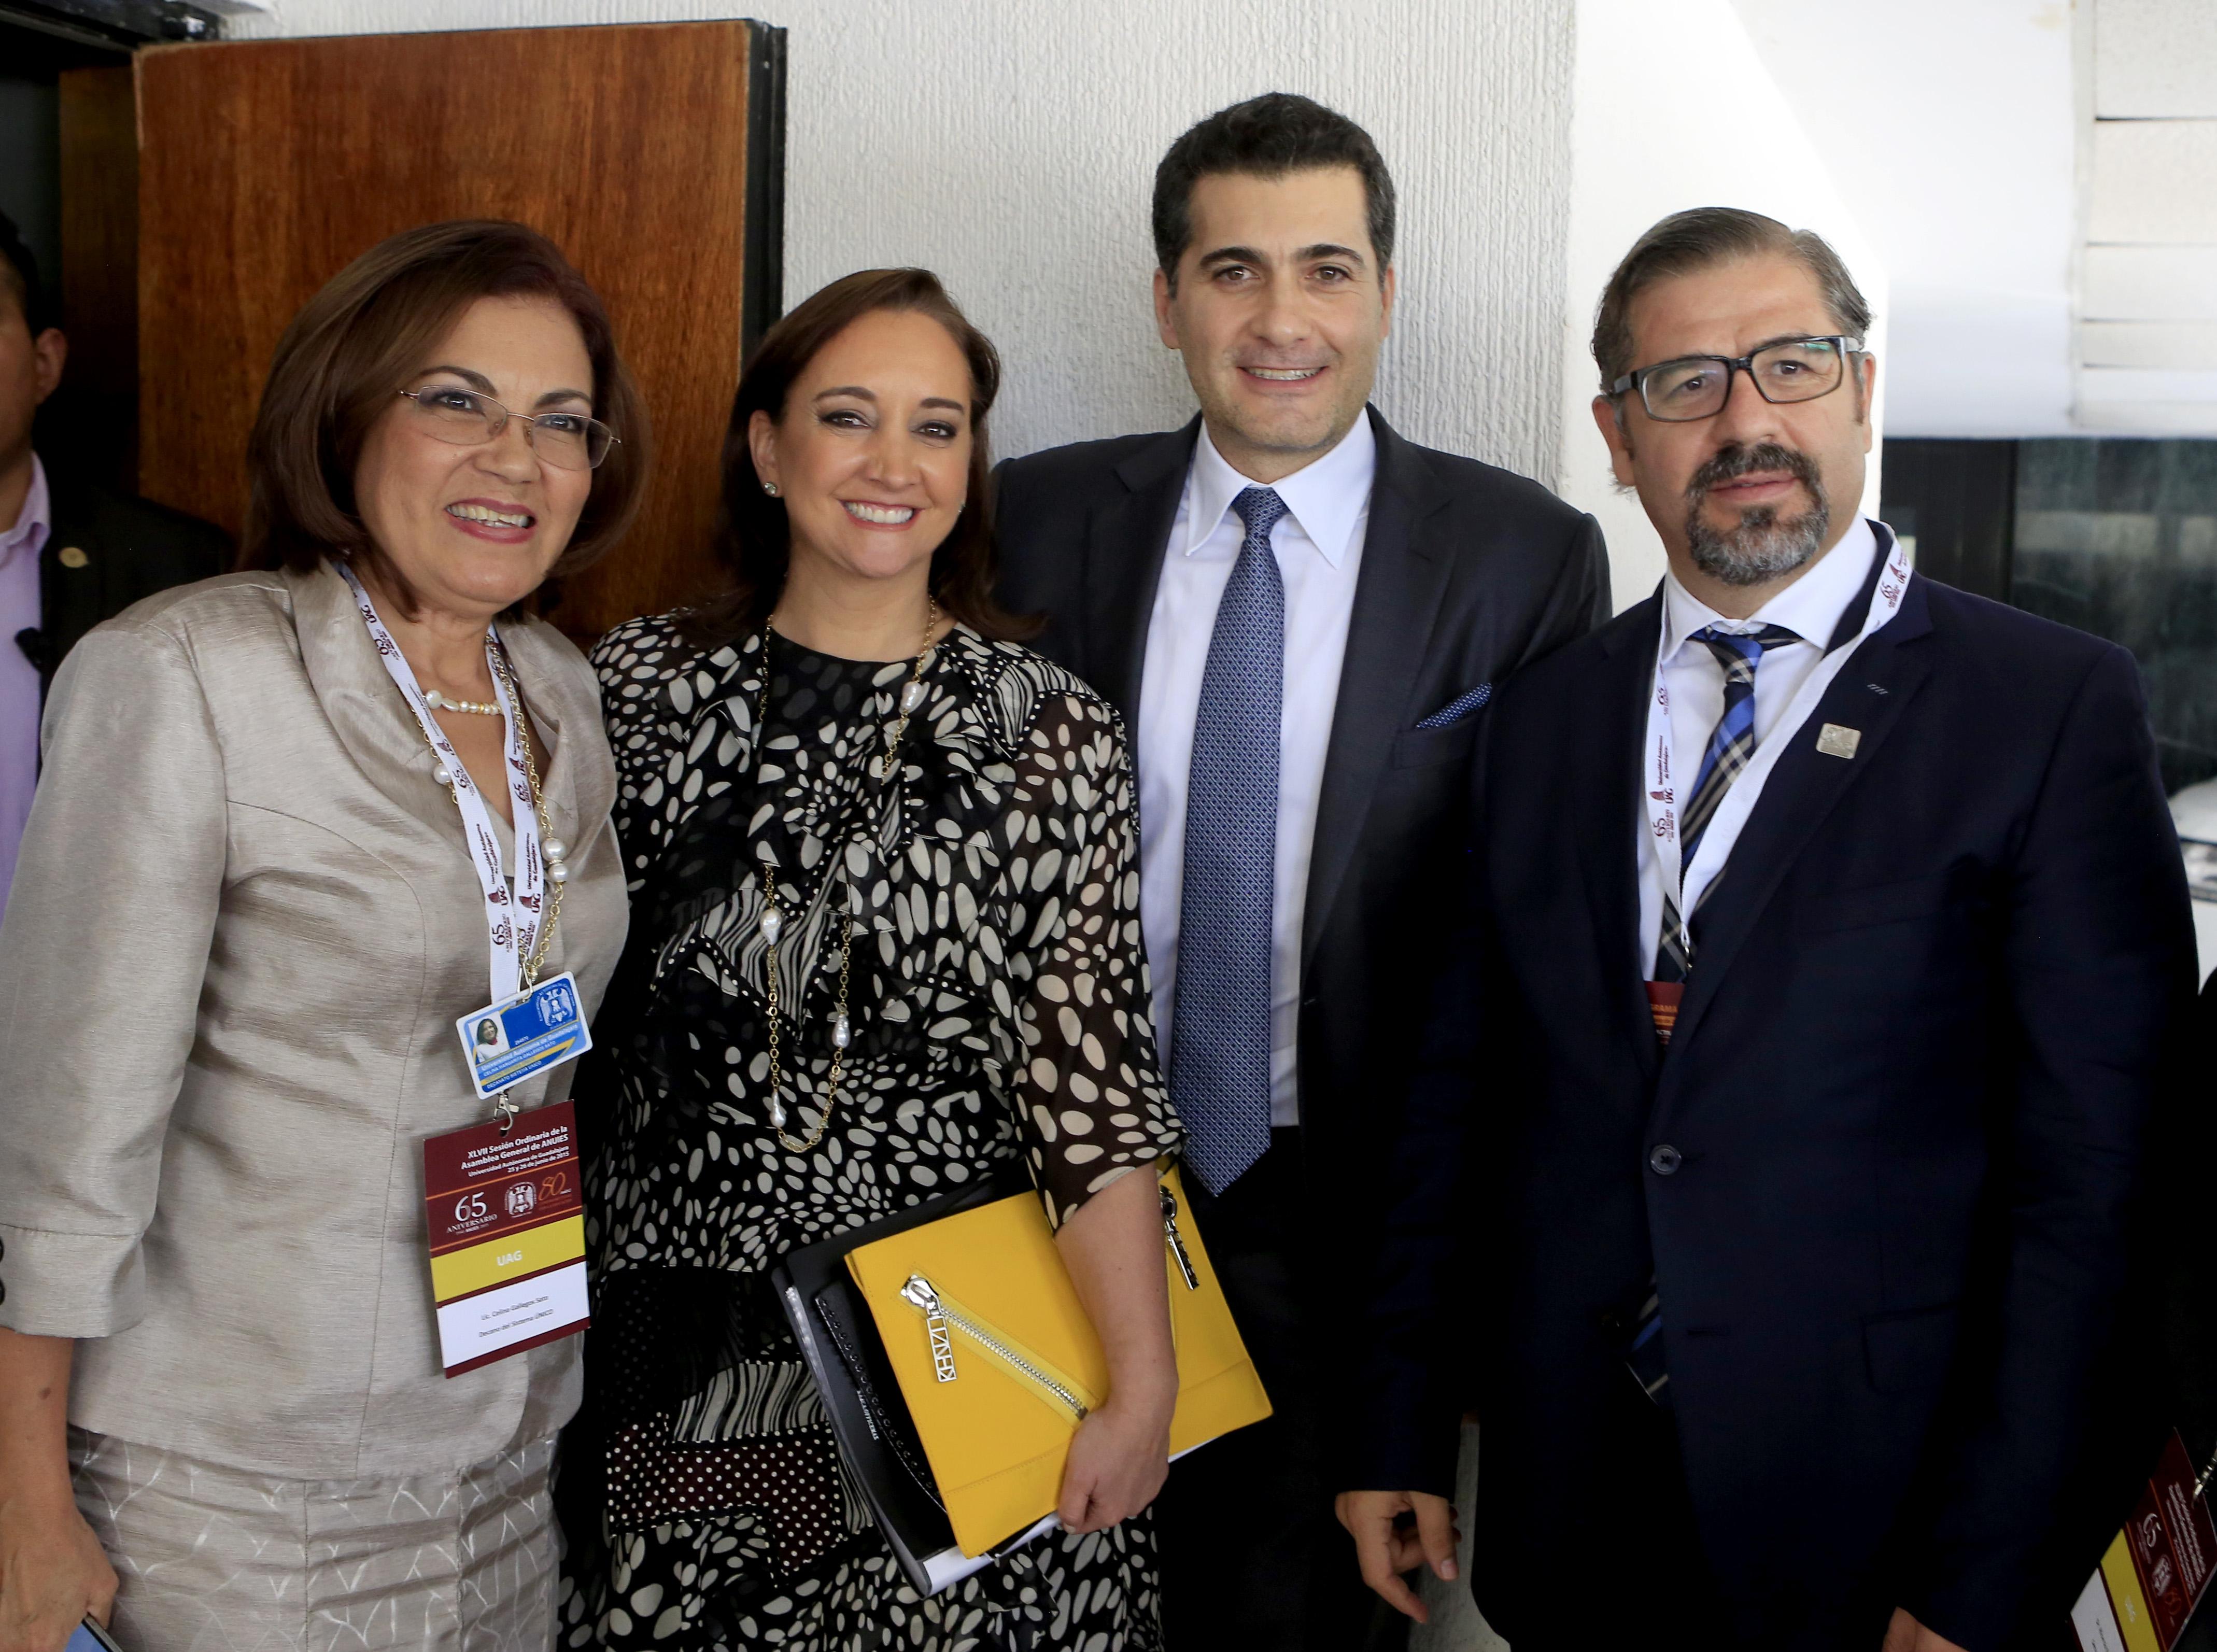 La Titular de la Secretaría de Turismo, Claudia Ruiz Massieu, participó en la XLVII Sesión Ordinaria de la Asamblea ANUIES.